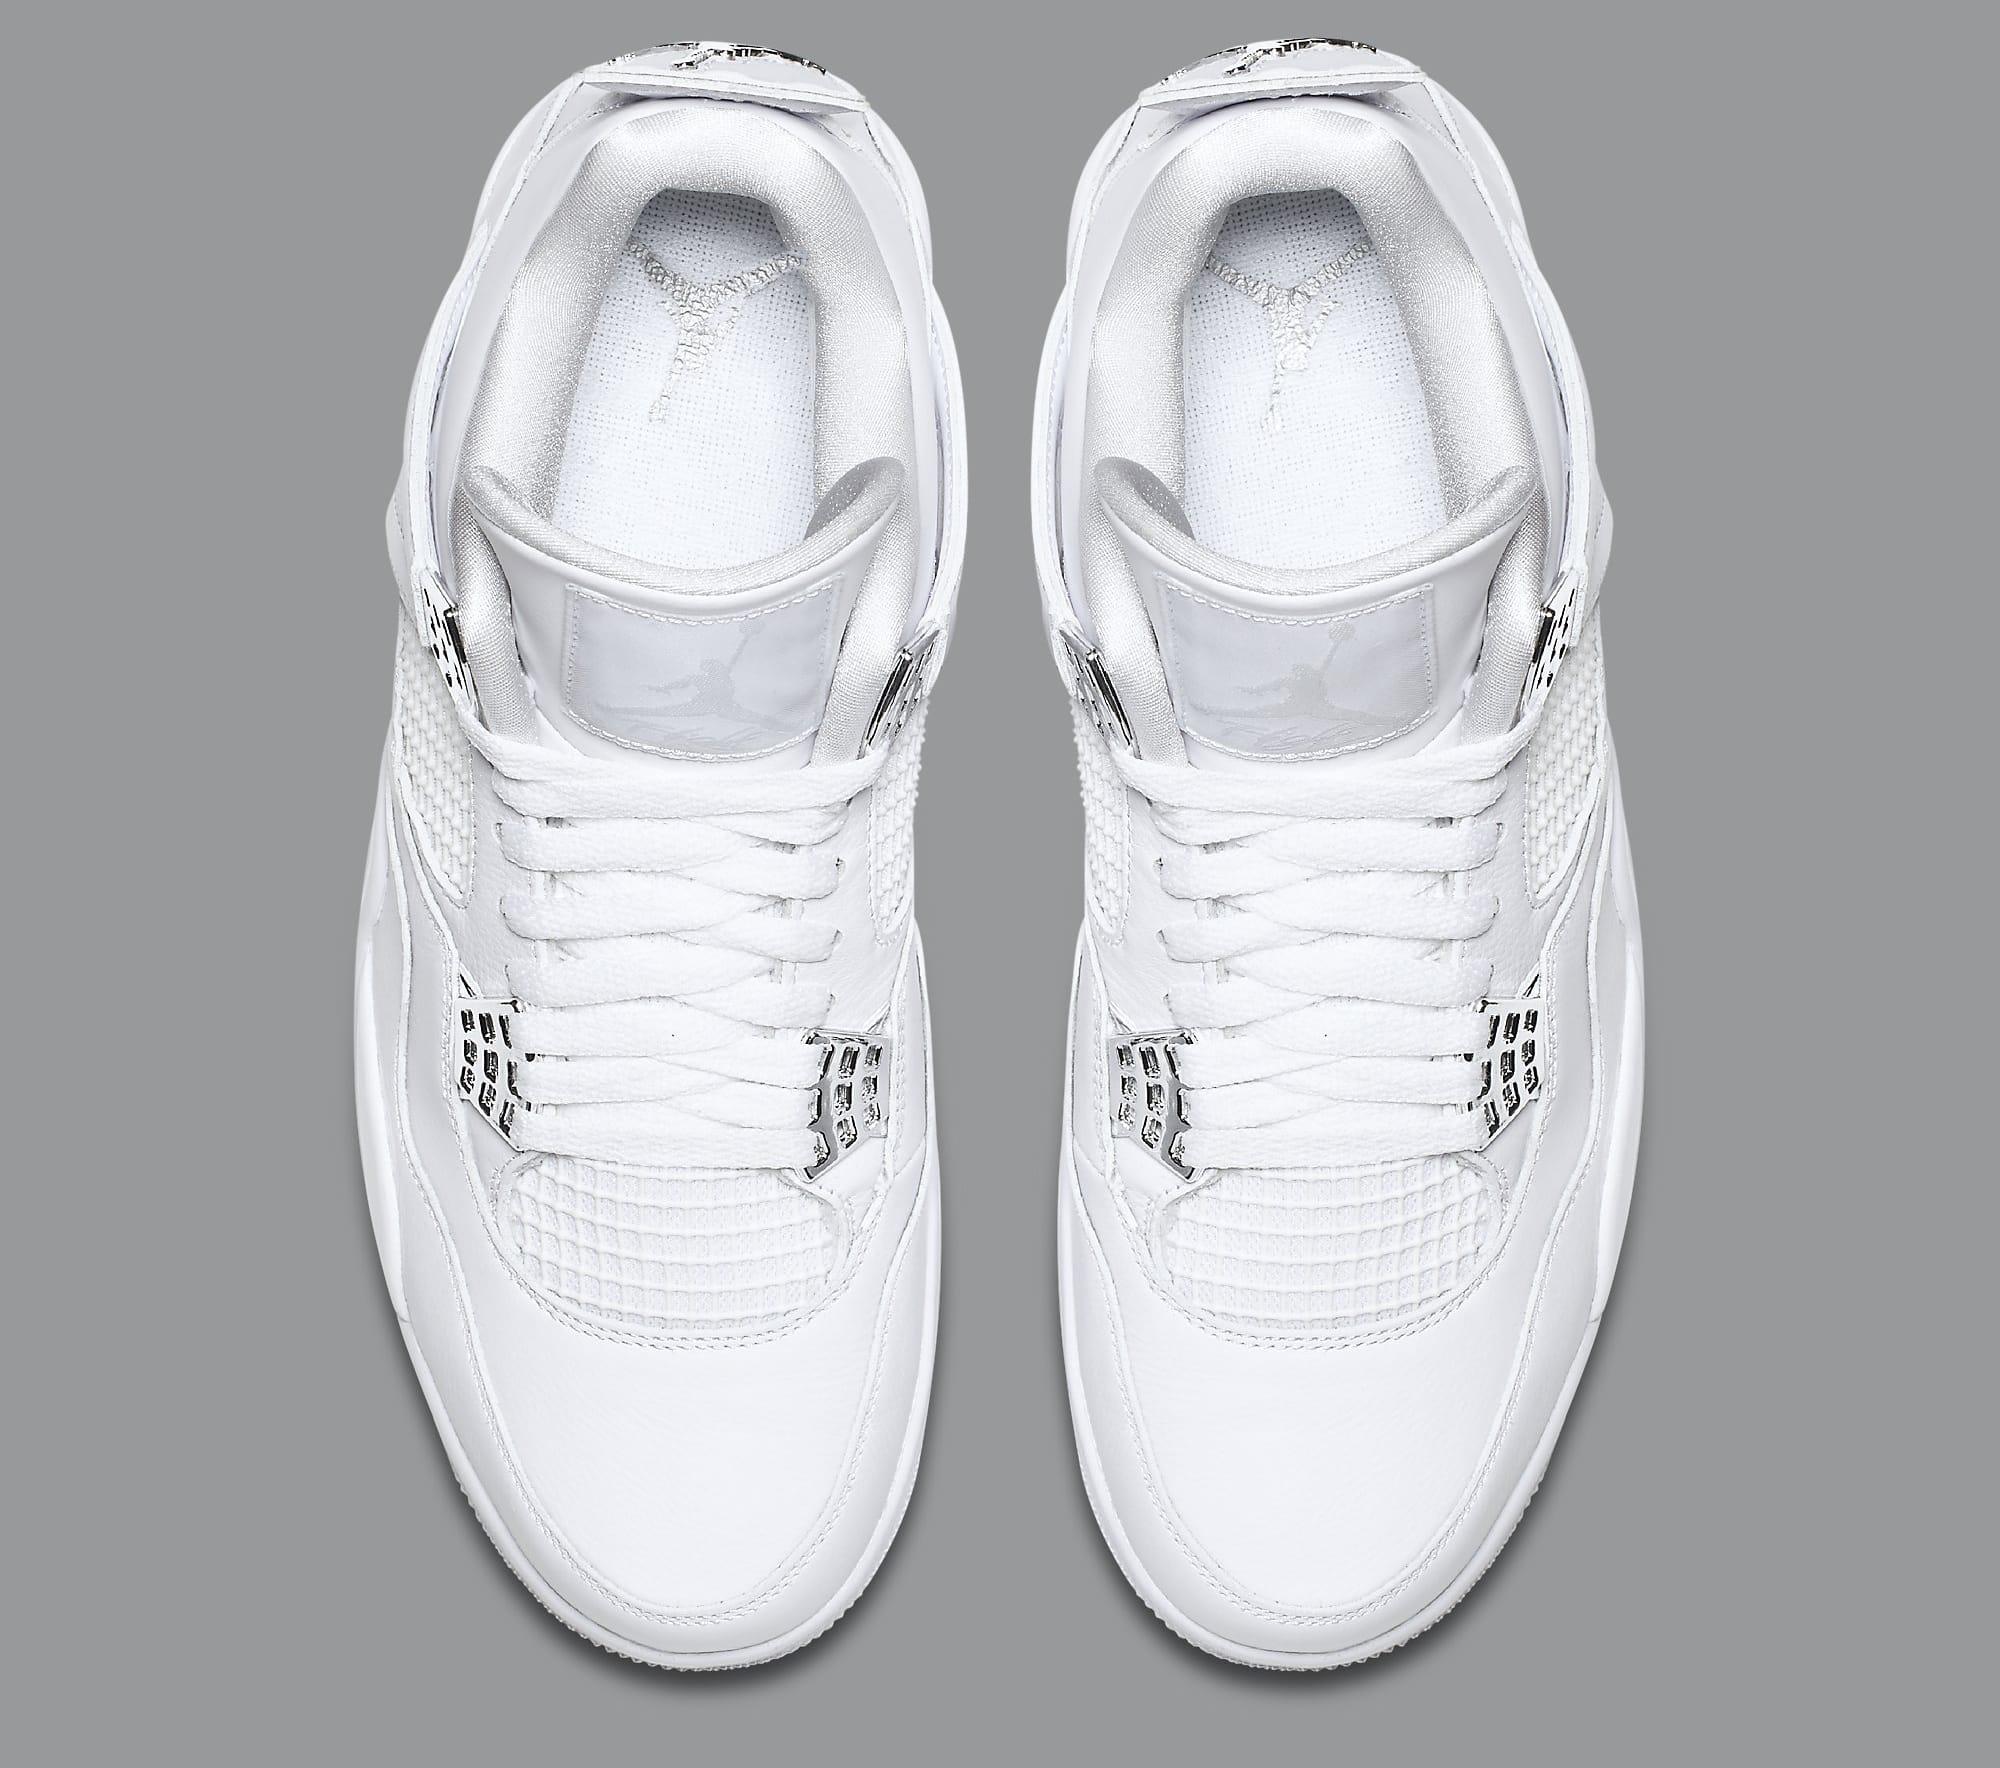 Puro dinero Air Jordan 4 308497-100 Top